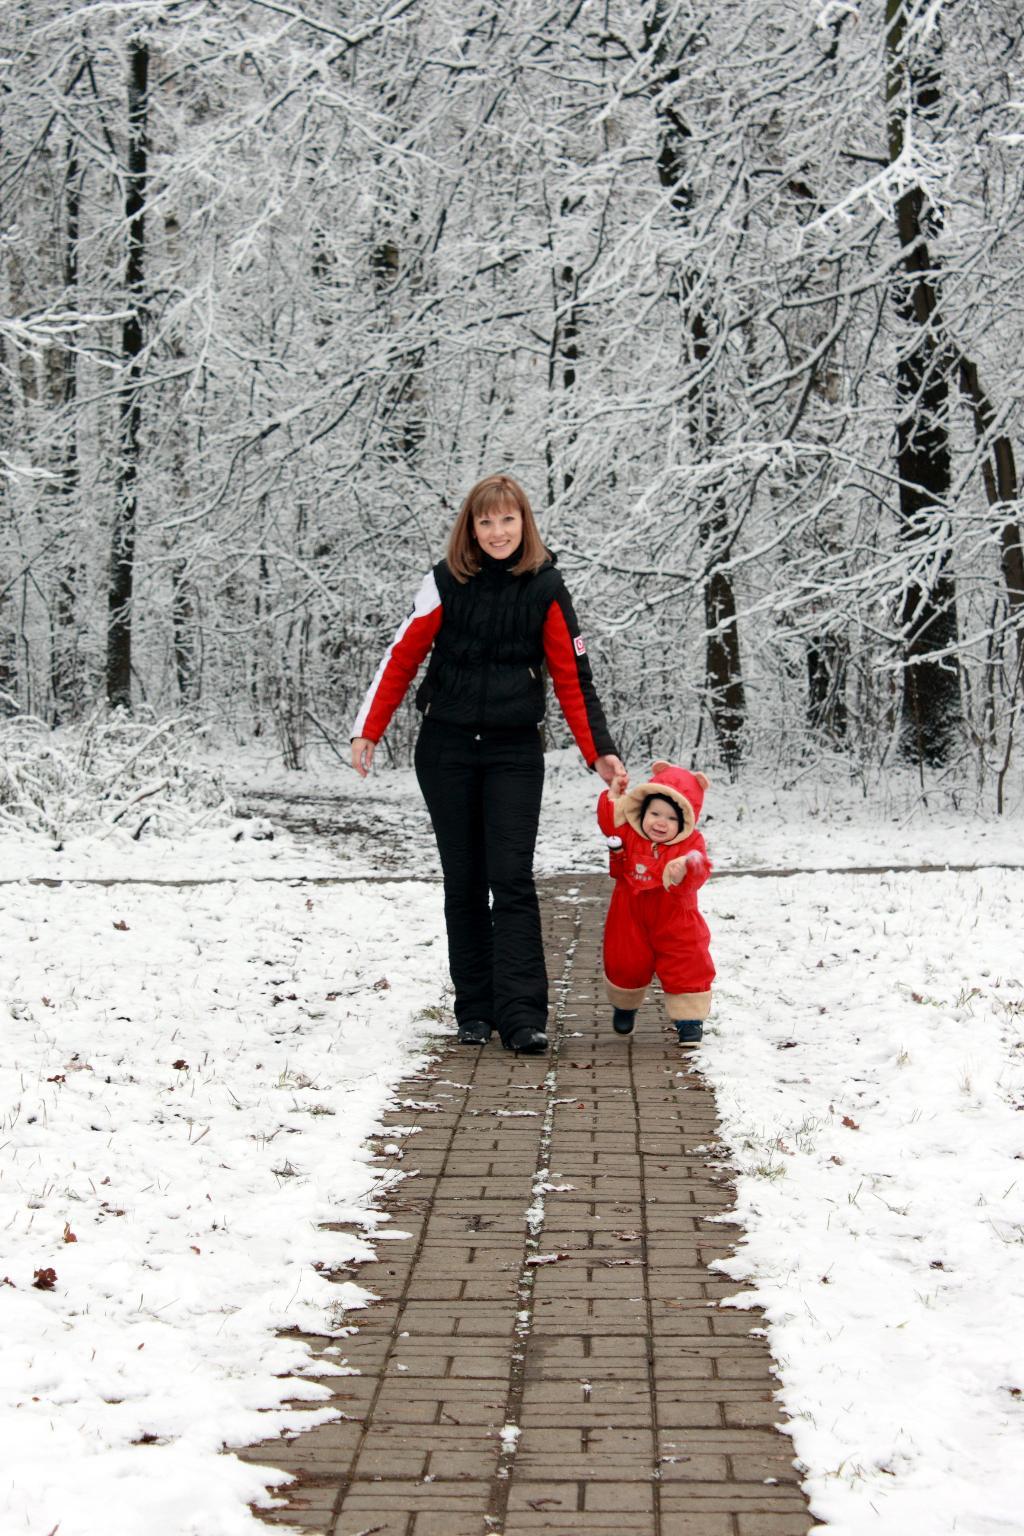 прогулка с любимой мамочкой 4. С мамой на прогулке